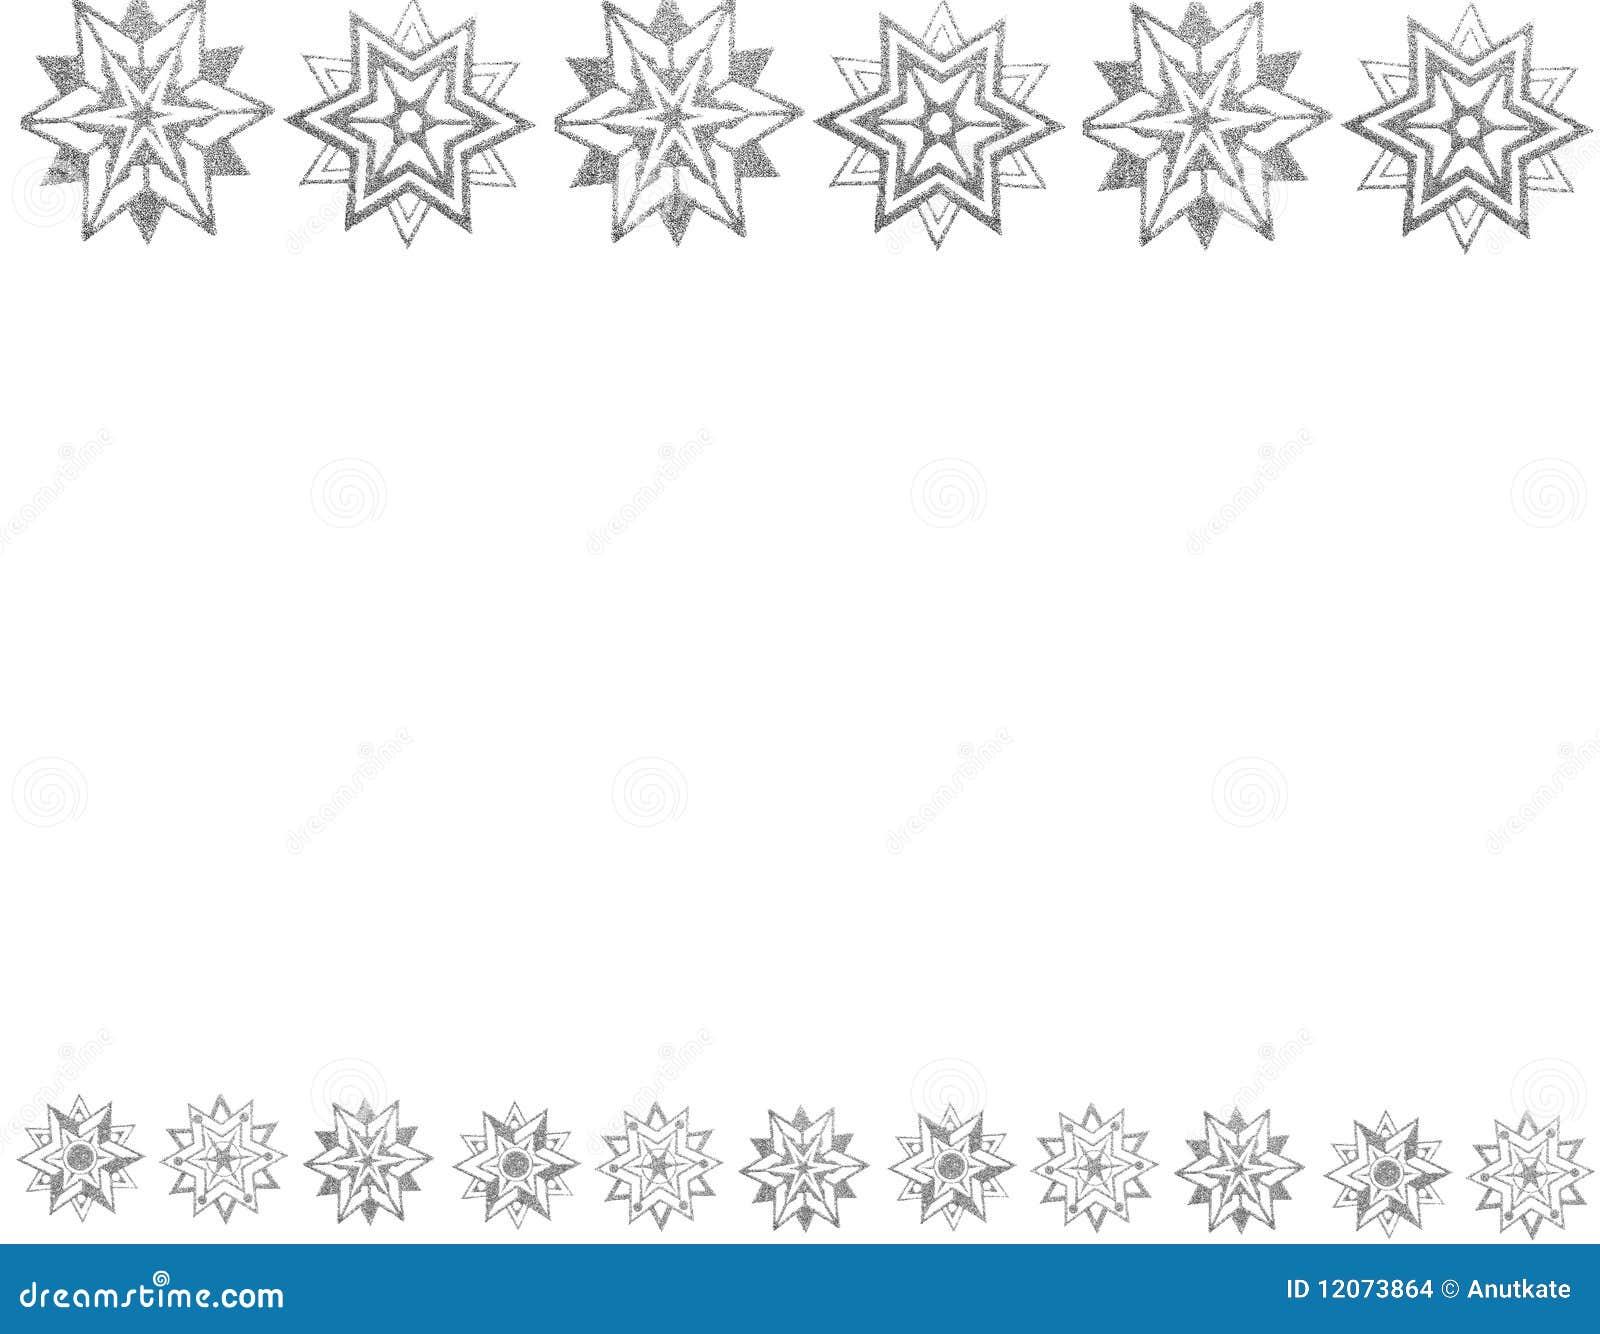 land clip art frozen